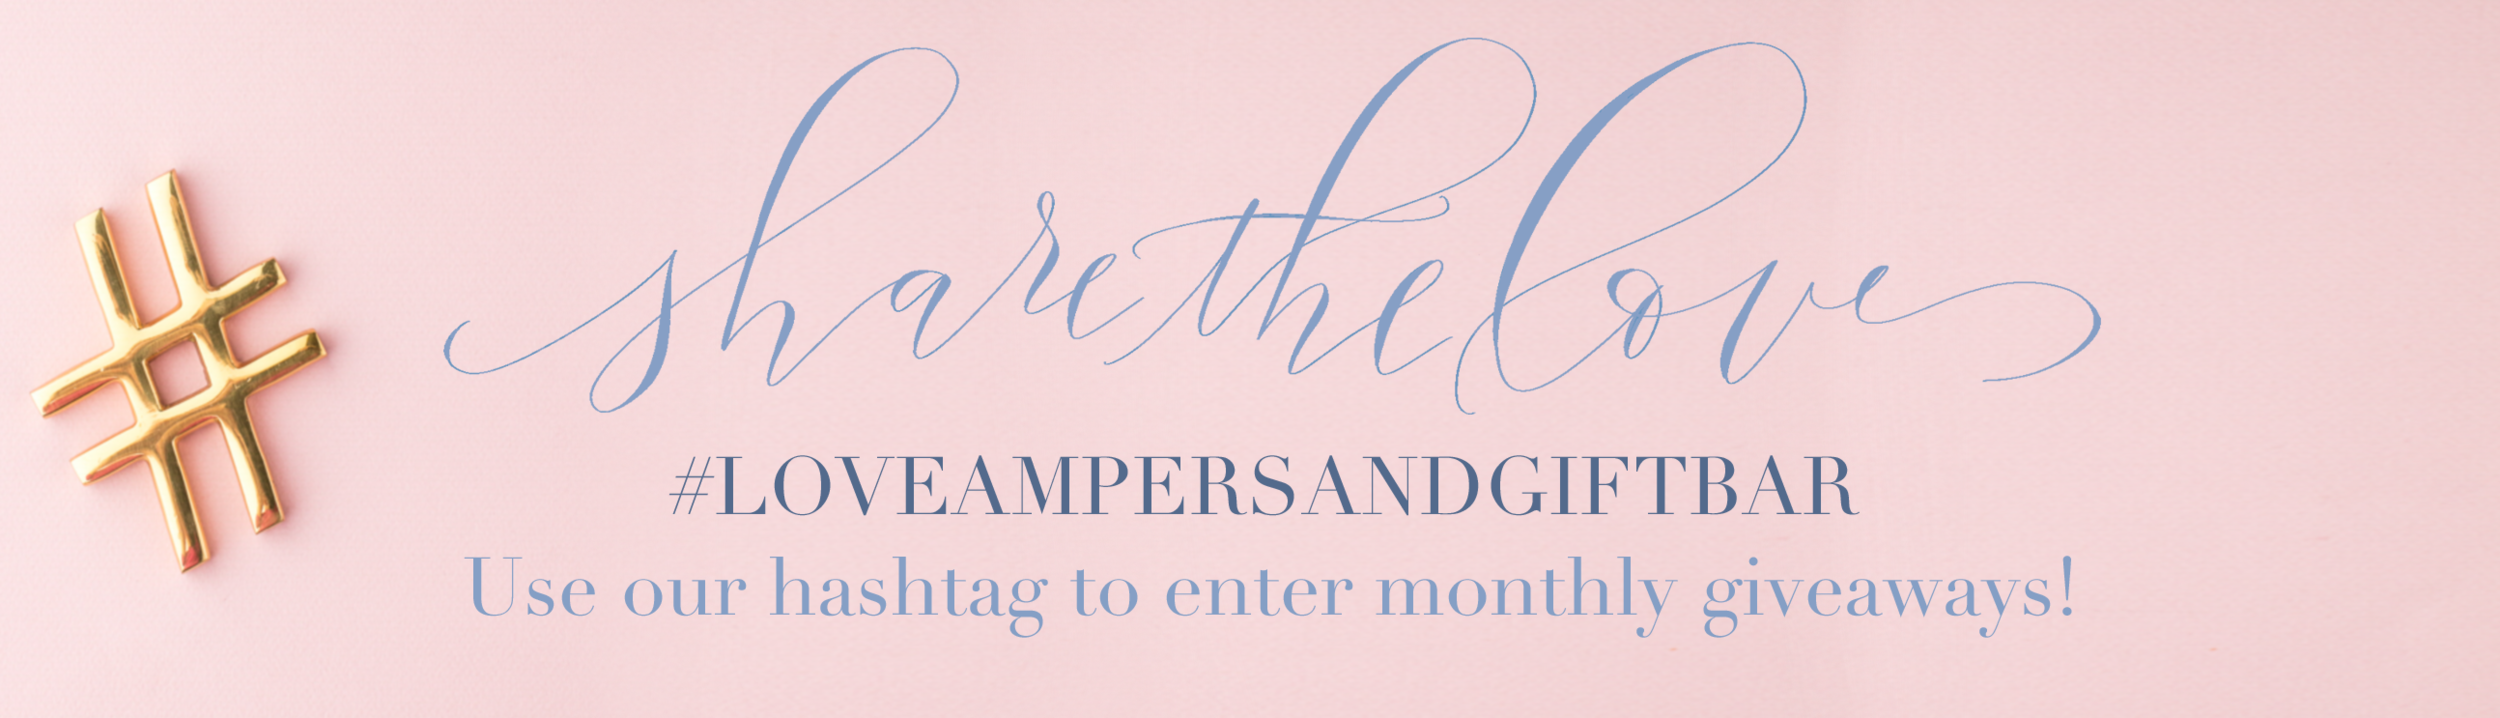 Ampersand gift bar #loveampersandgiftbar